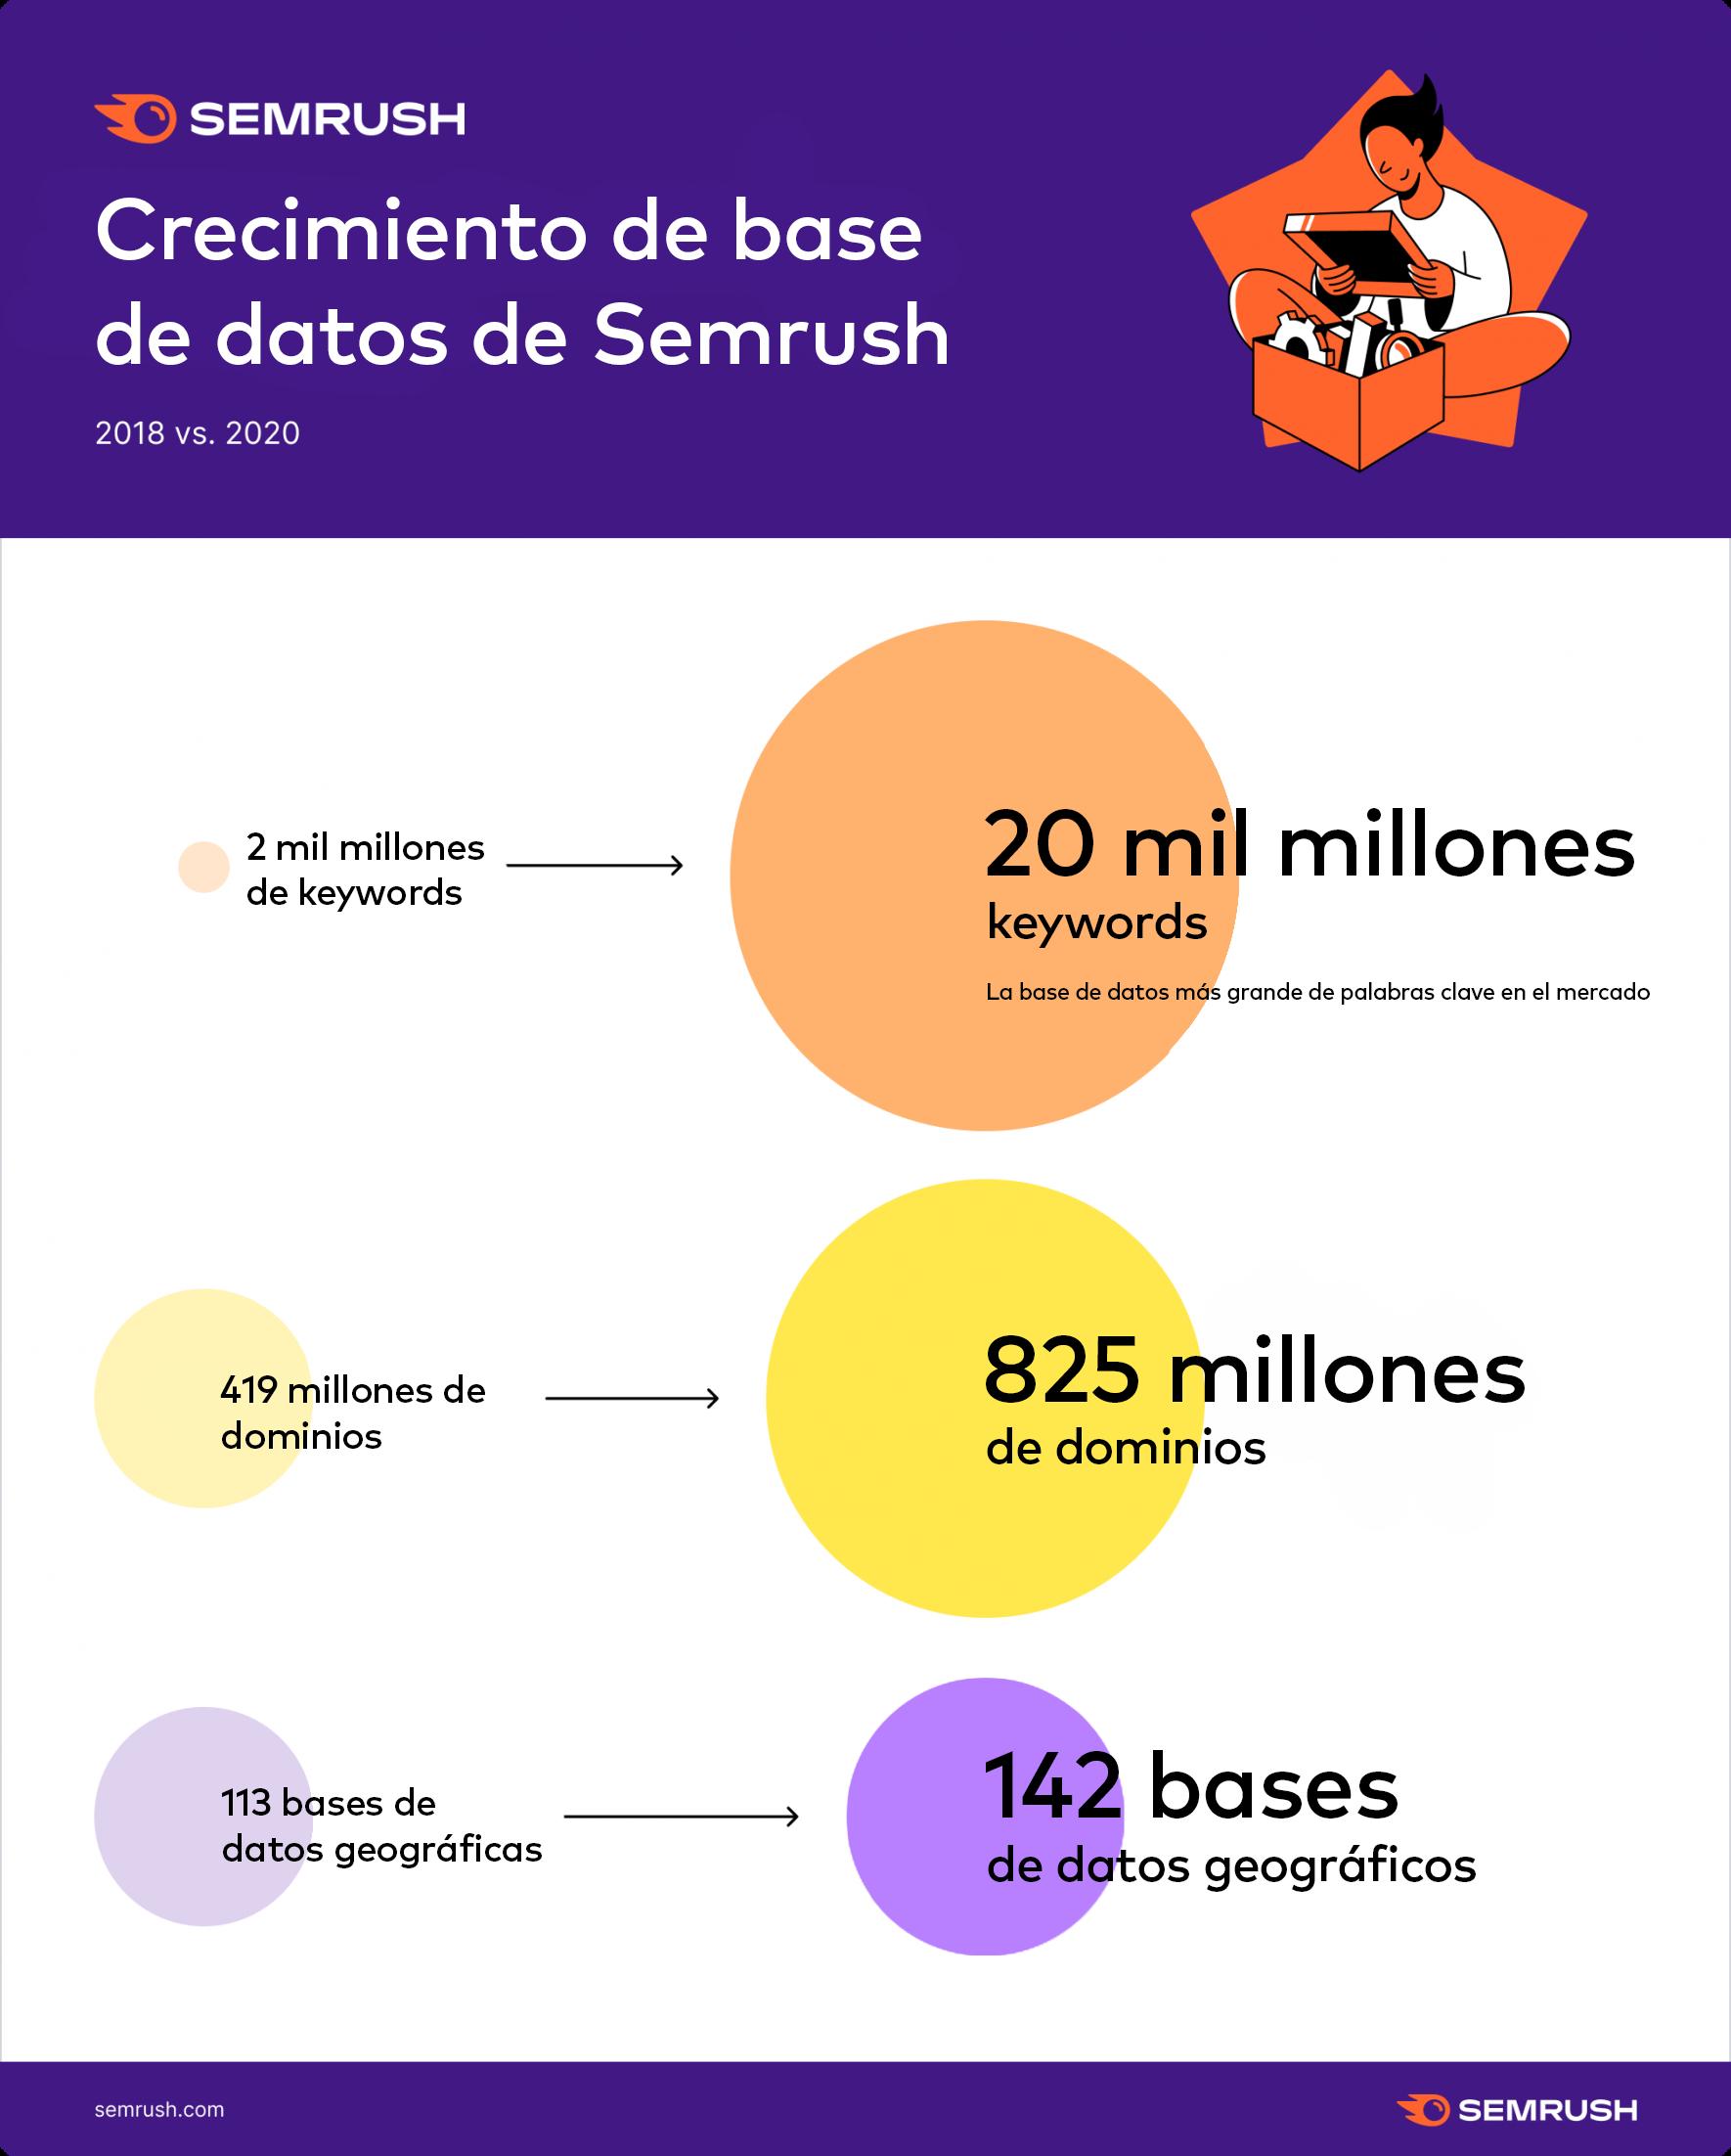 Crecimiento de bases de datos de Semrush